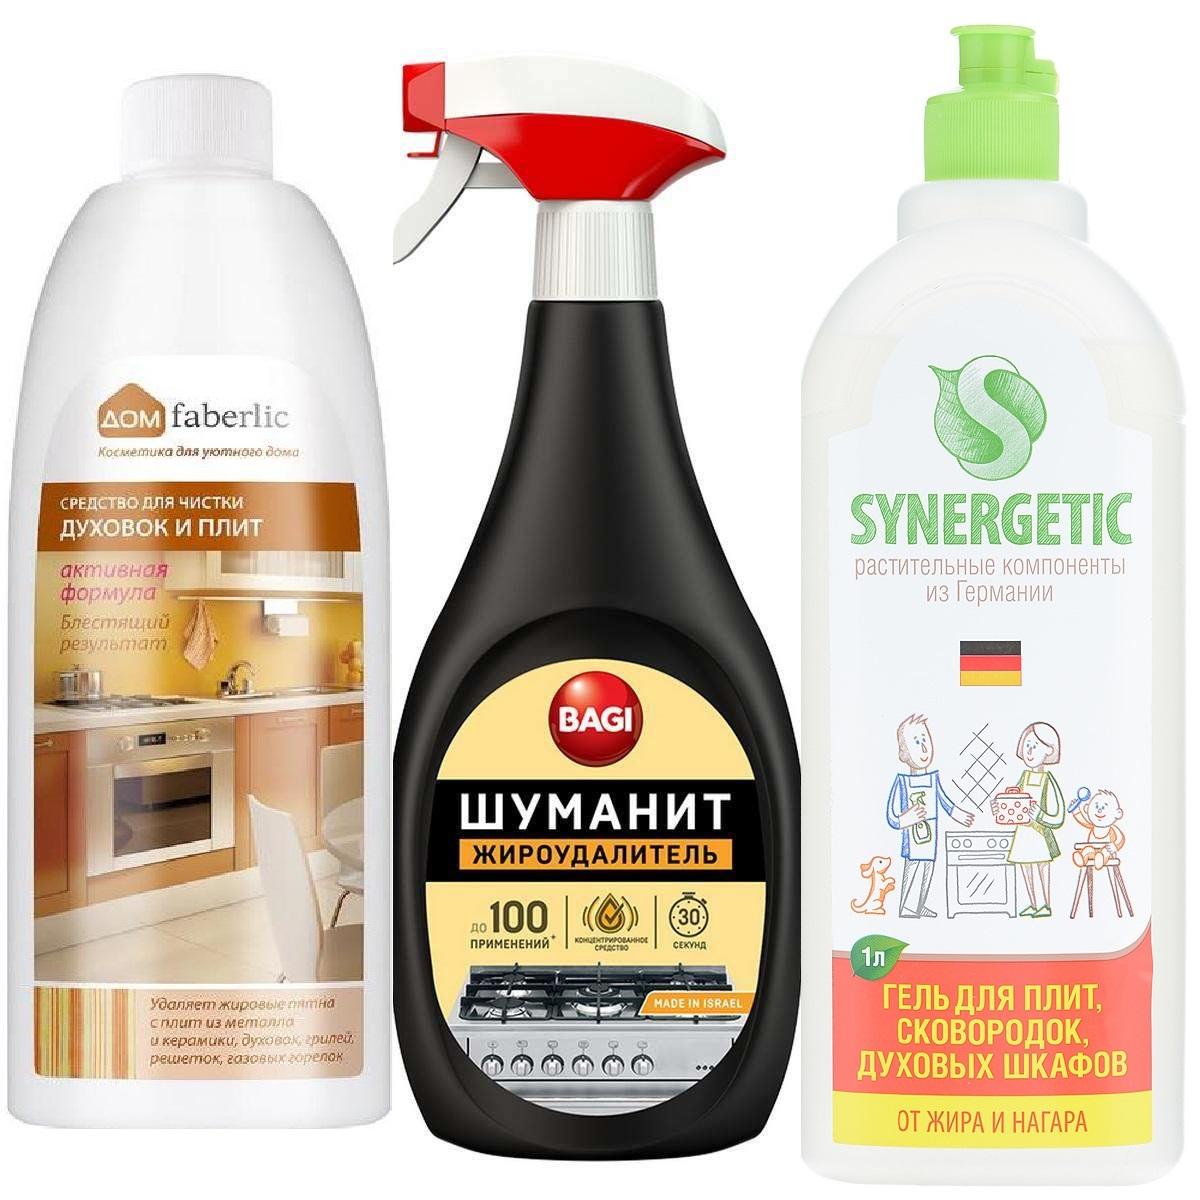 Лучшие средства для чистки духовок